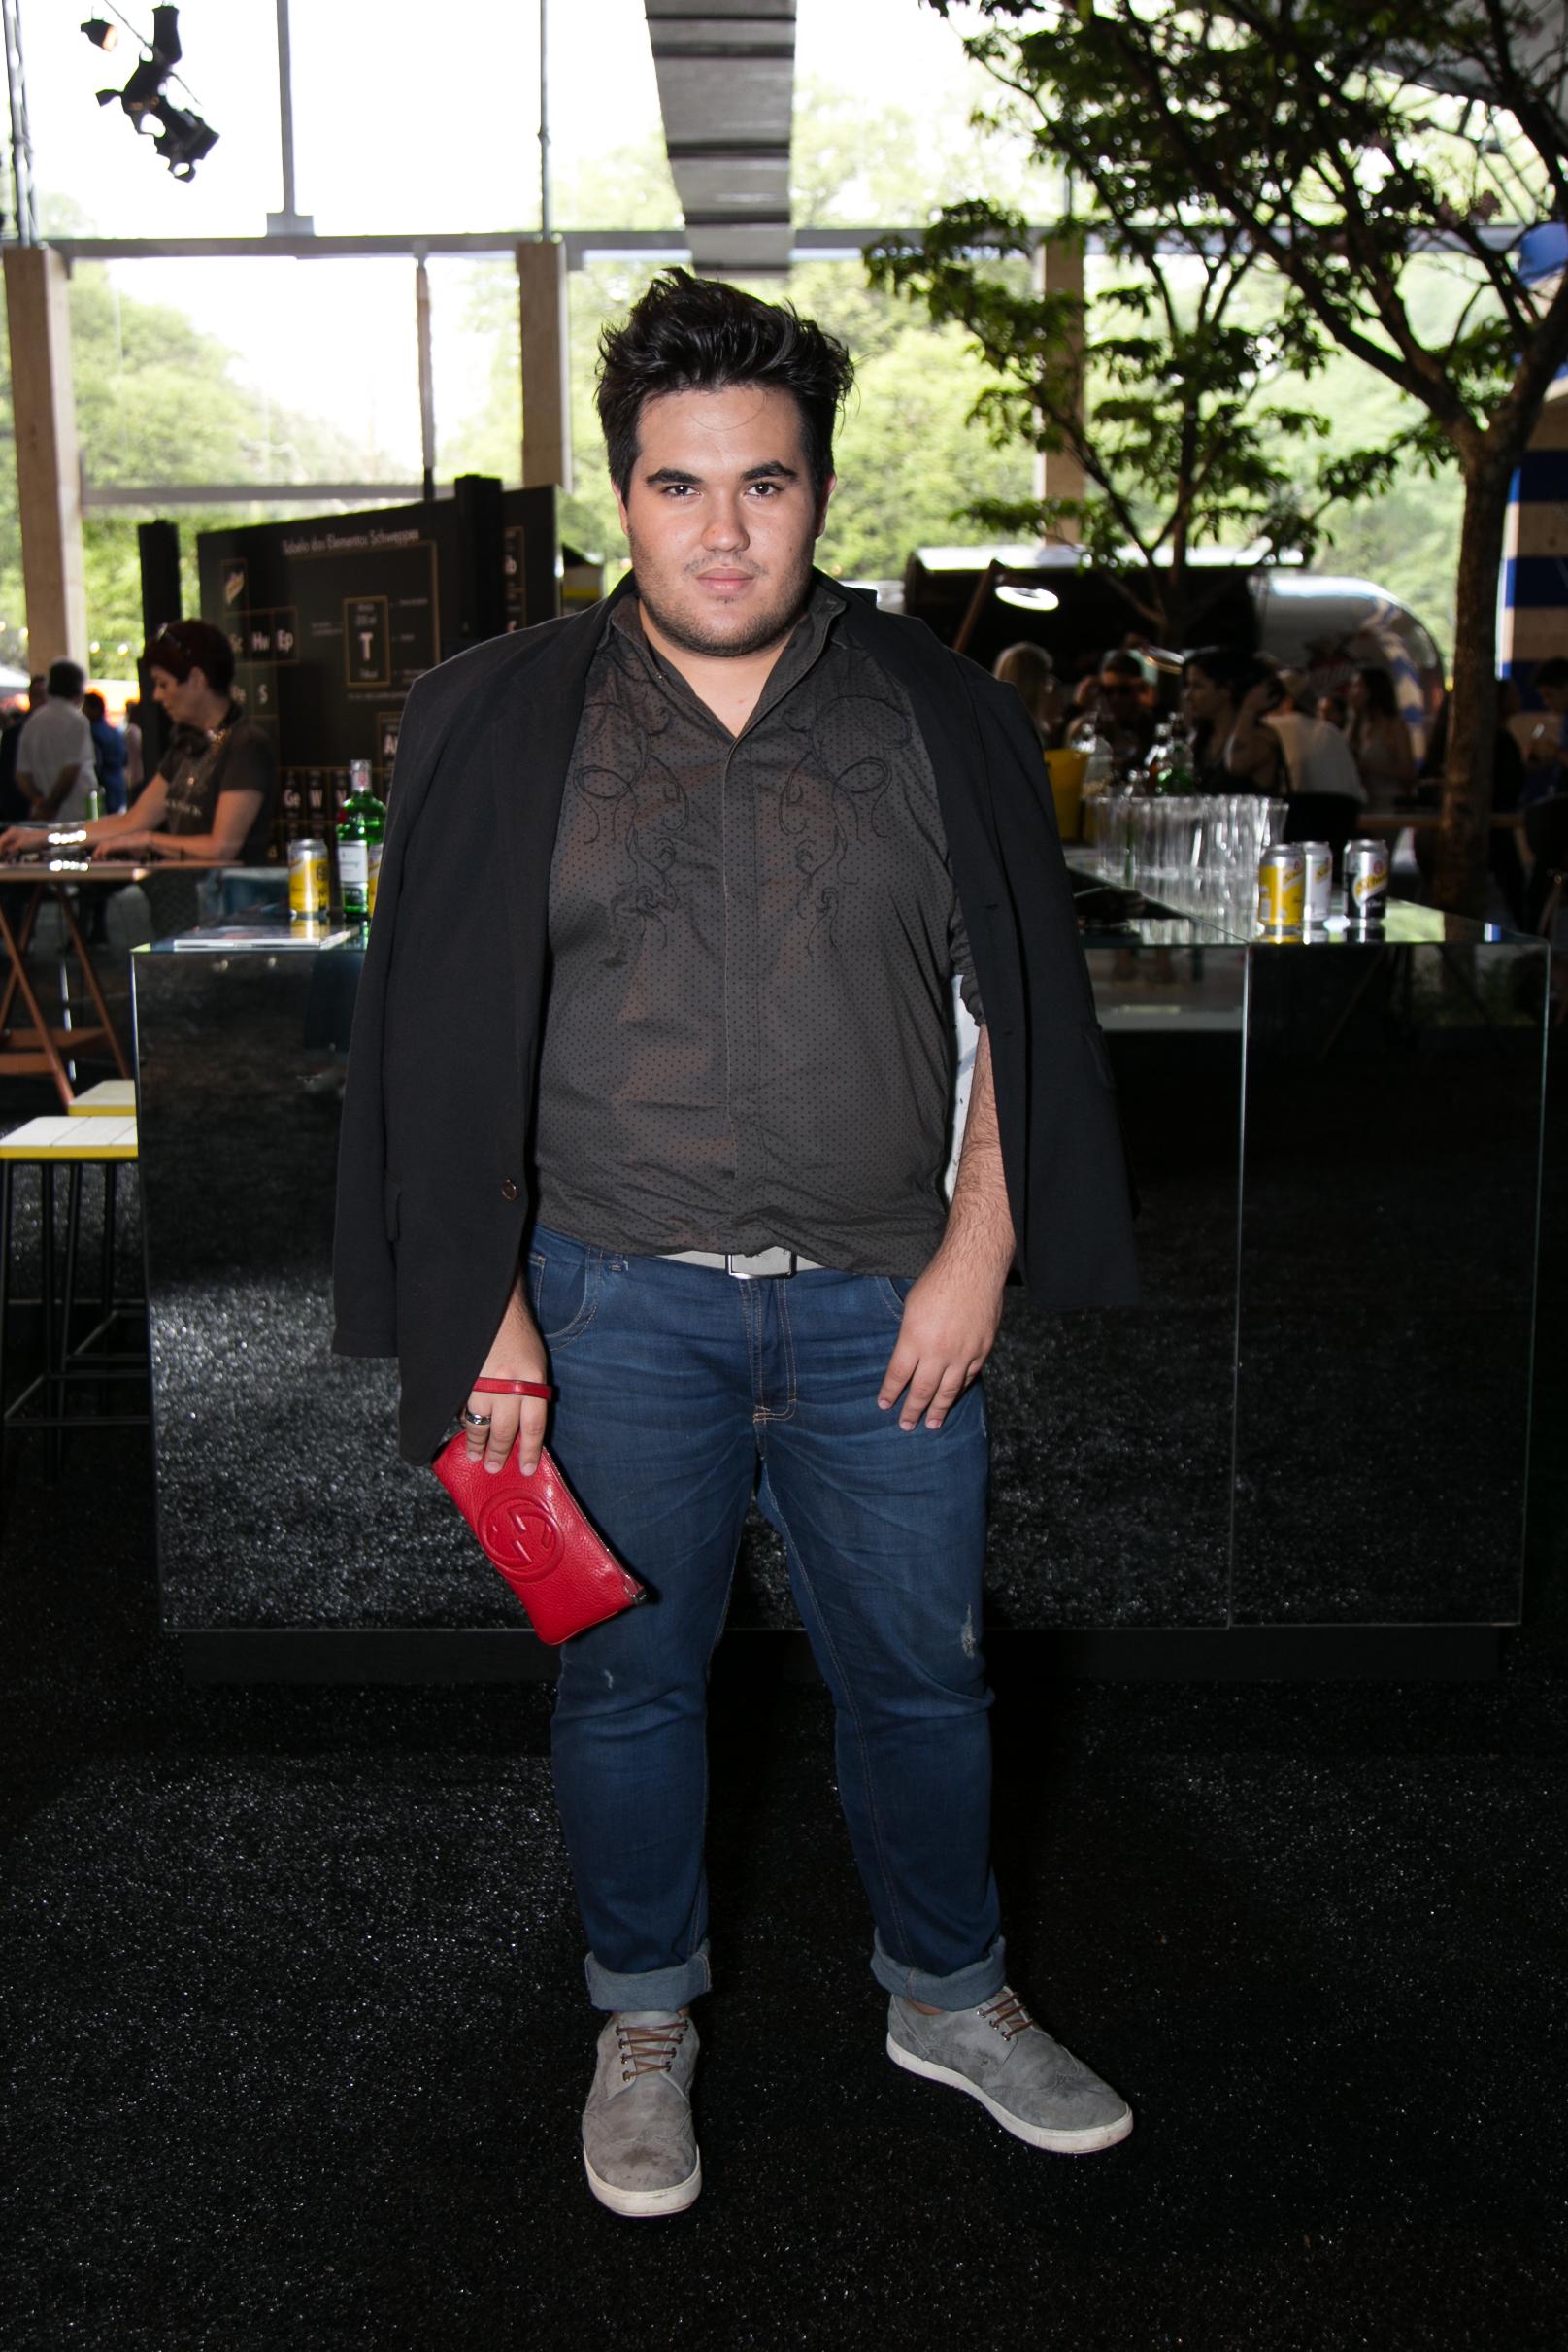 jeans-street-style-masculino-blog-de-moda-masculina-dicas-estilo-moda-jeans-jaqueta-calca-short-saia-fashion-week-spfw-spfwtrans42-spfwn42-tendencia-masculina-inverno-7